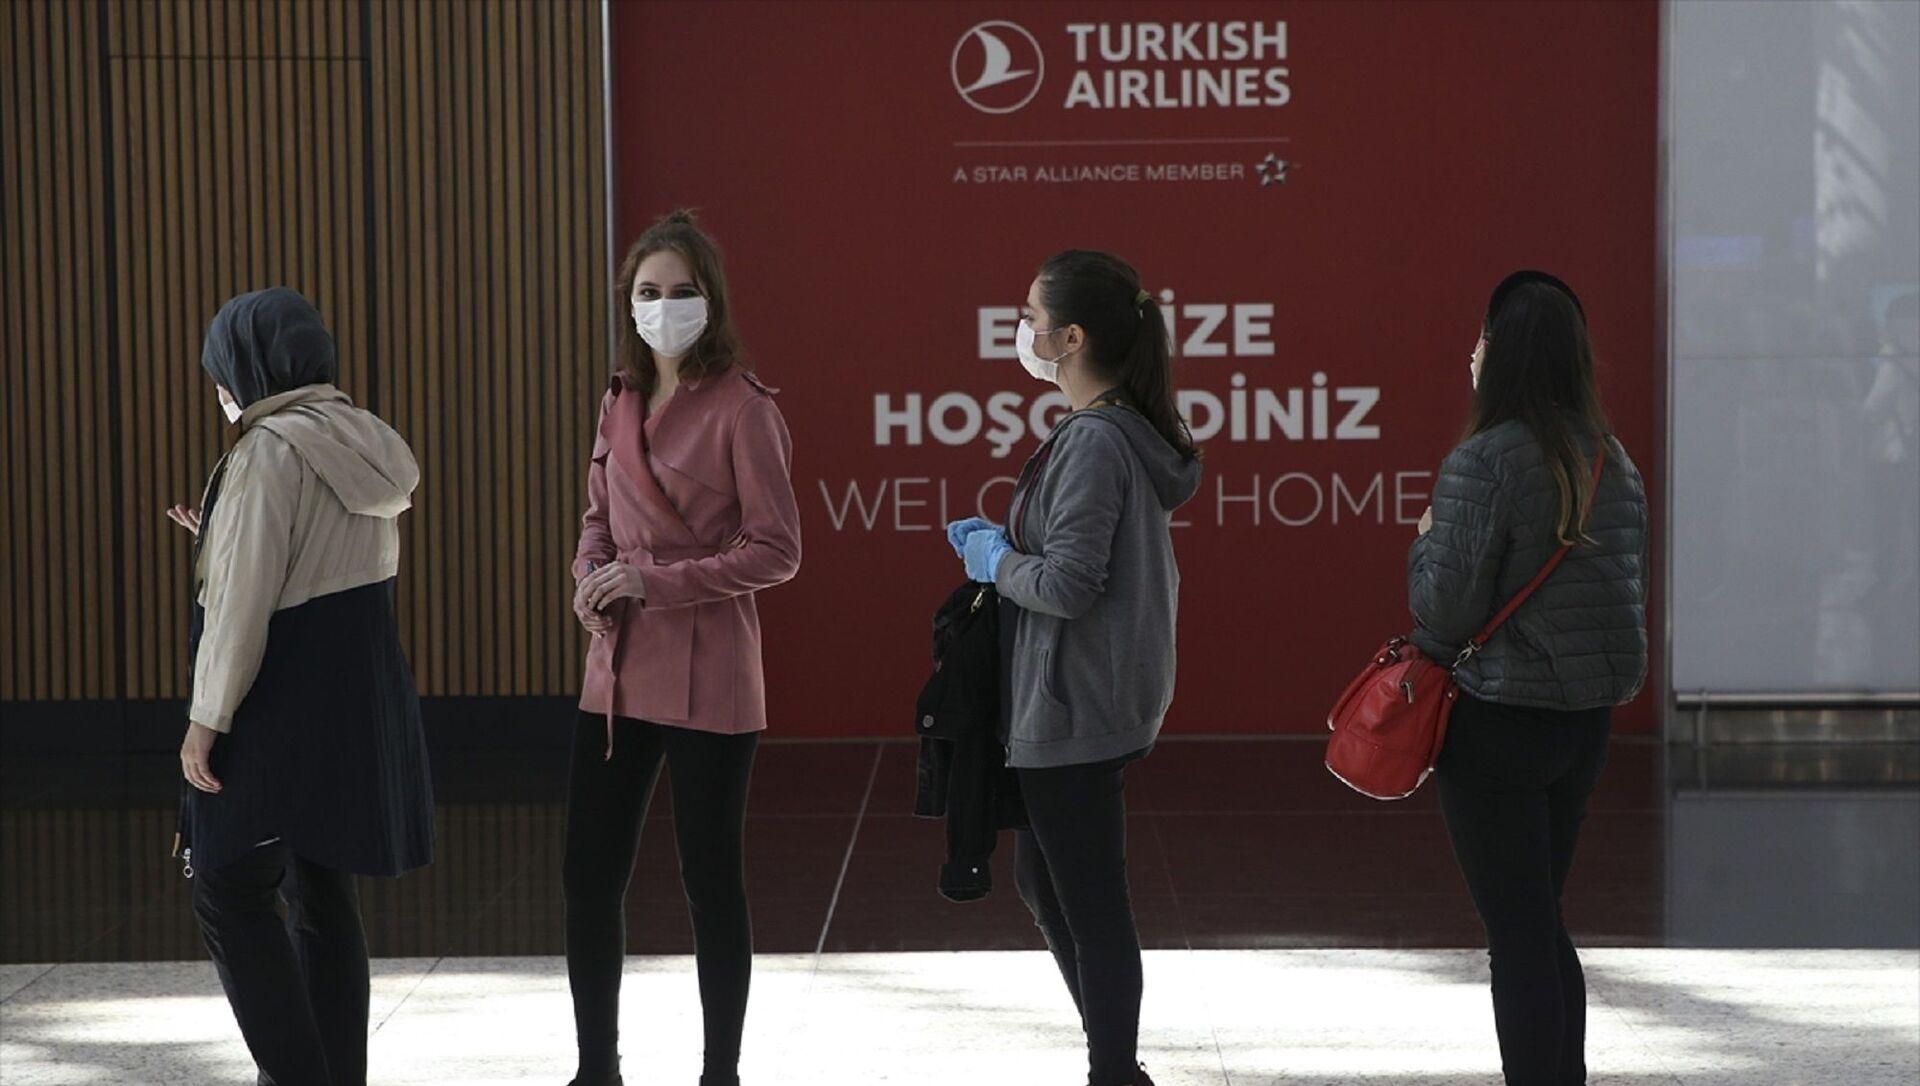 Türk Hava Yolları (THY), yeni tip koronavirüs (Kovid-19) tedbirleri sonrası normalleşme süreciyle birlikte seferlerini artırdı. Bugün 250 iç hat seferi yapacak THY'nin uçuşlarına vatandaşlar yoğun ilgi gösterdi. - Sputnik Türkiye, 1920, 14.04.2021